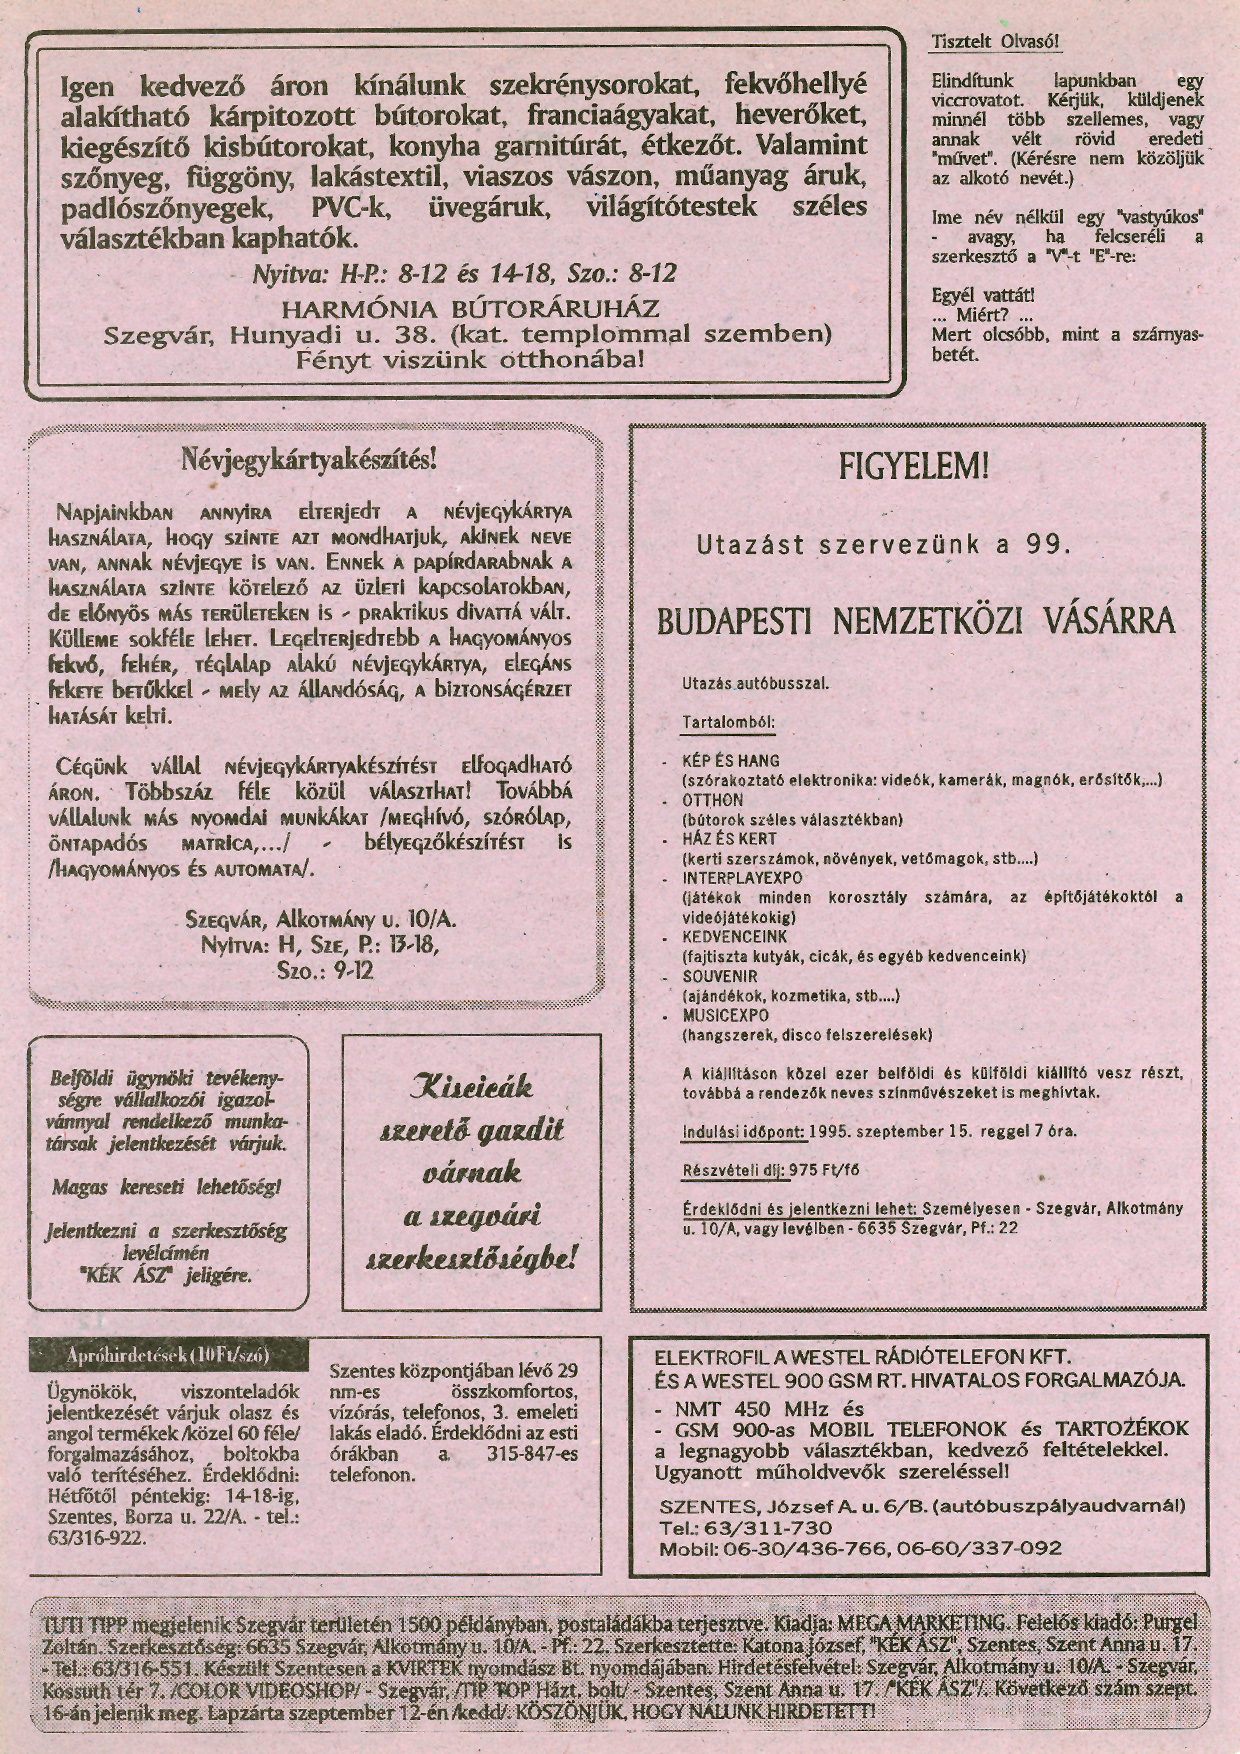 004 Tuti Tipp reklámújság - 19950904-002. lapszám -2.oldal - I. évfolyam.jpg